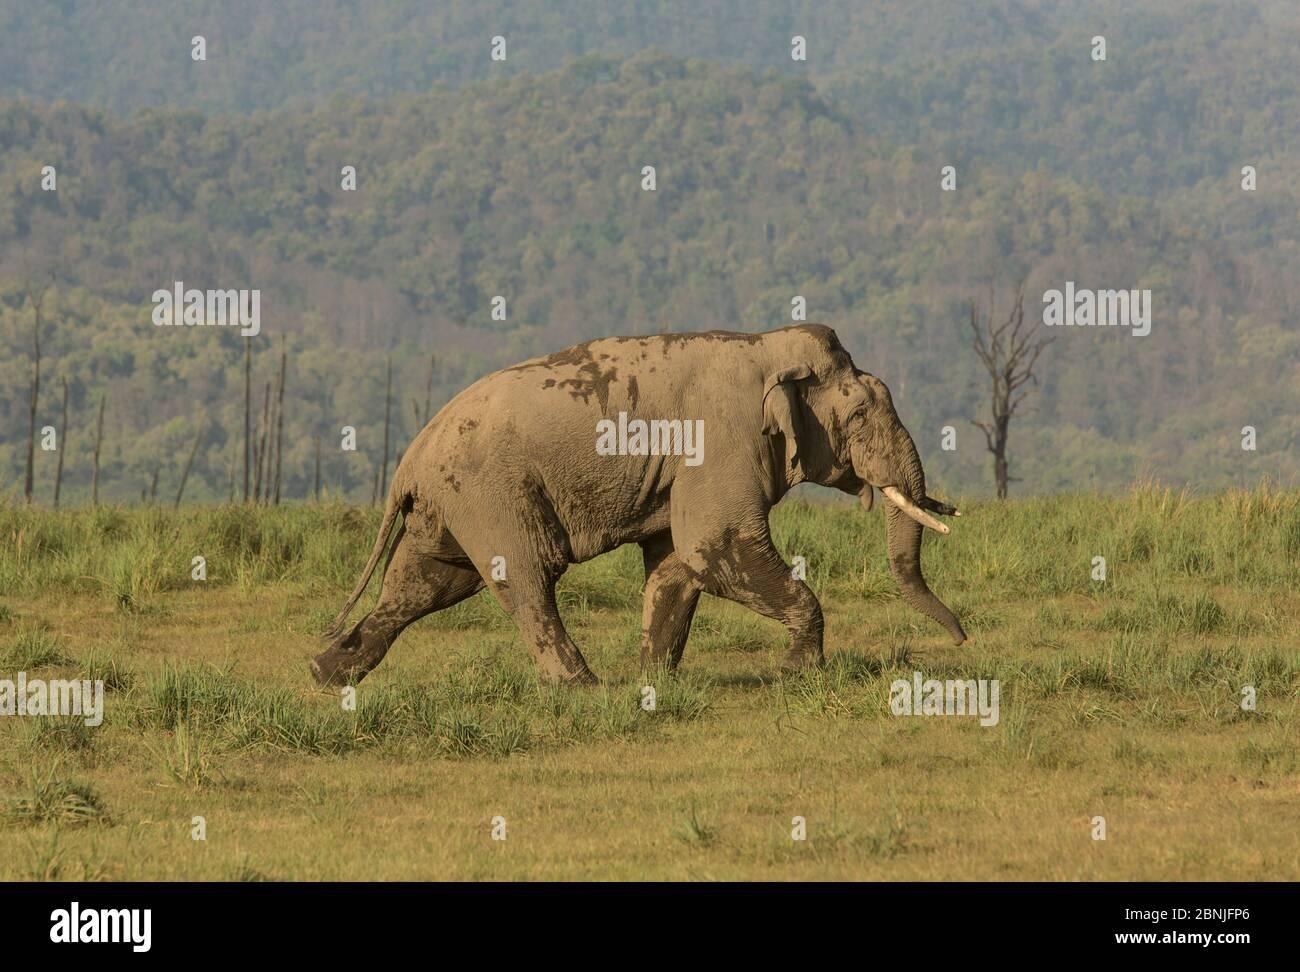 Asiatischer Elefant (Elephas maximus) männlich aggressiv auf dem Weg zu rivalisierenden Männchen. Jim Corbett National Park, Indien. Stockfoto